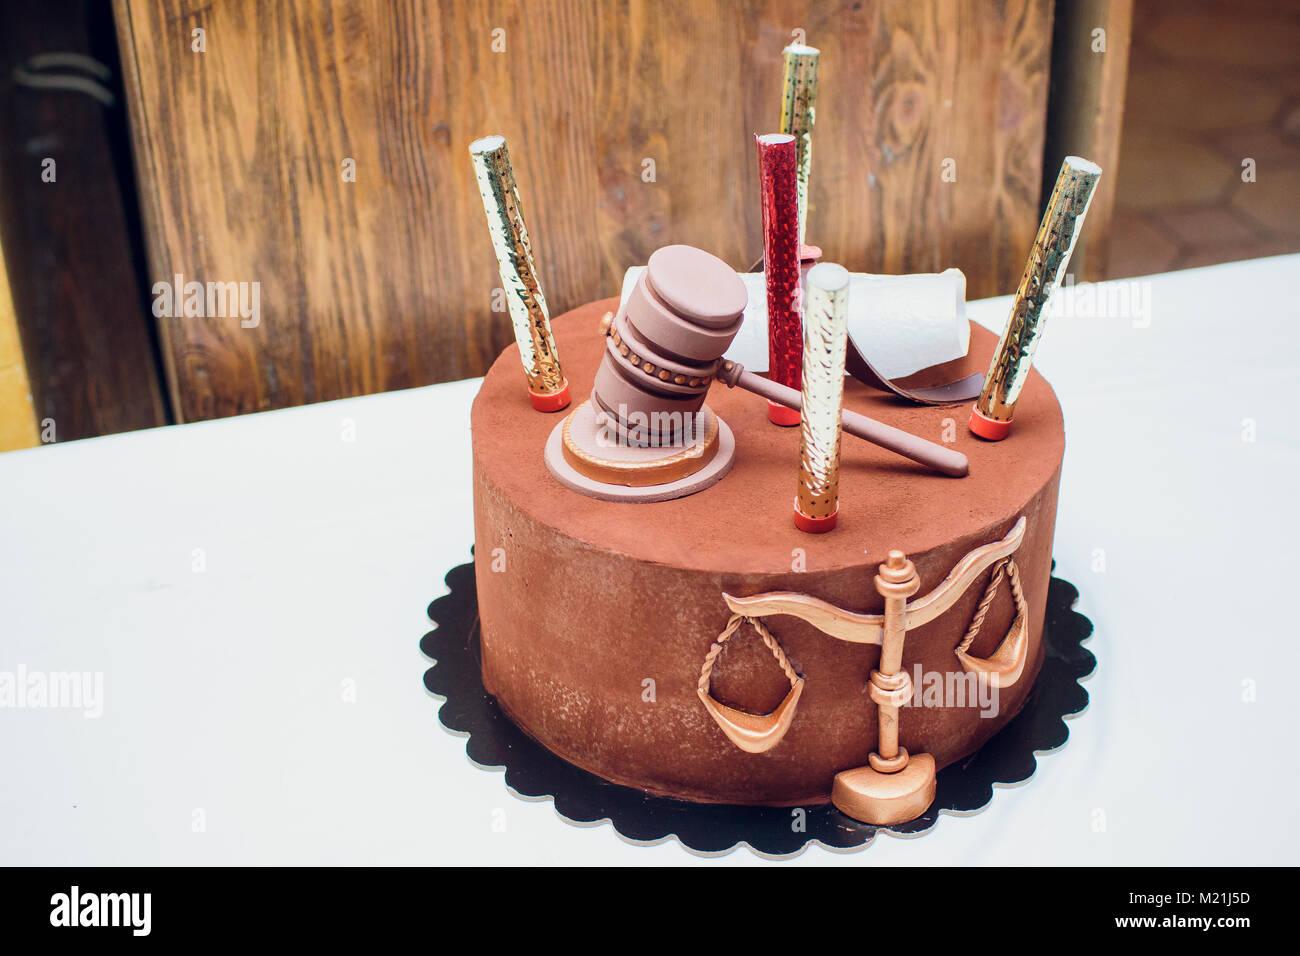 Braut Und Brautigam Cake Topper Paar Mit Juristischen Hammer